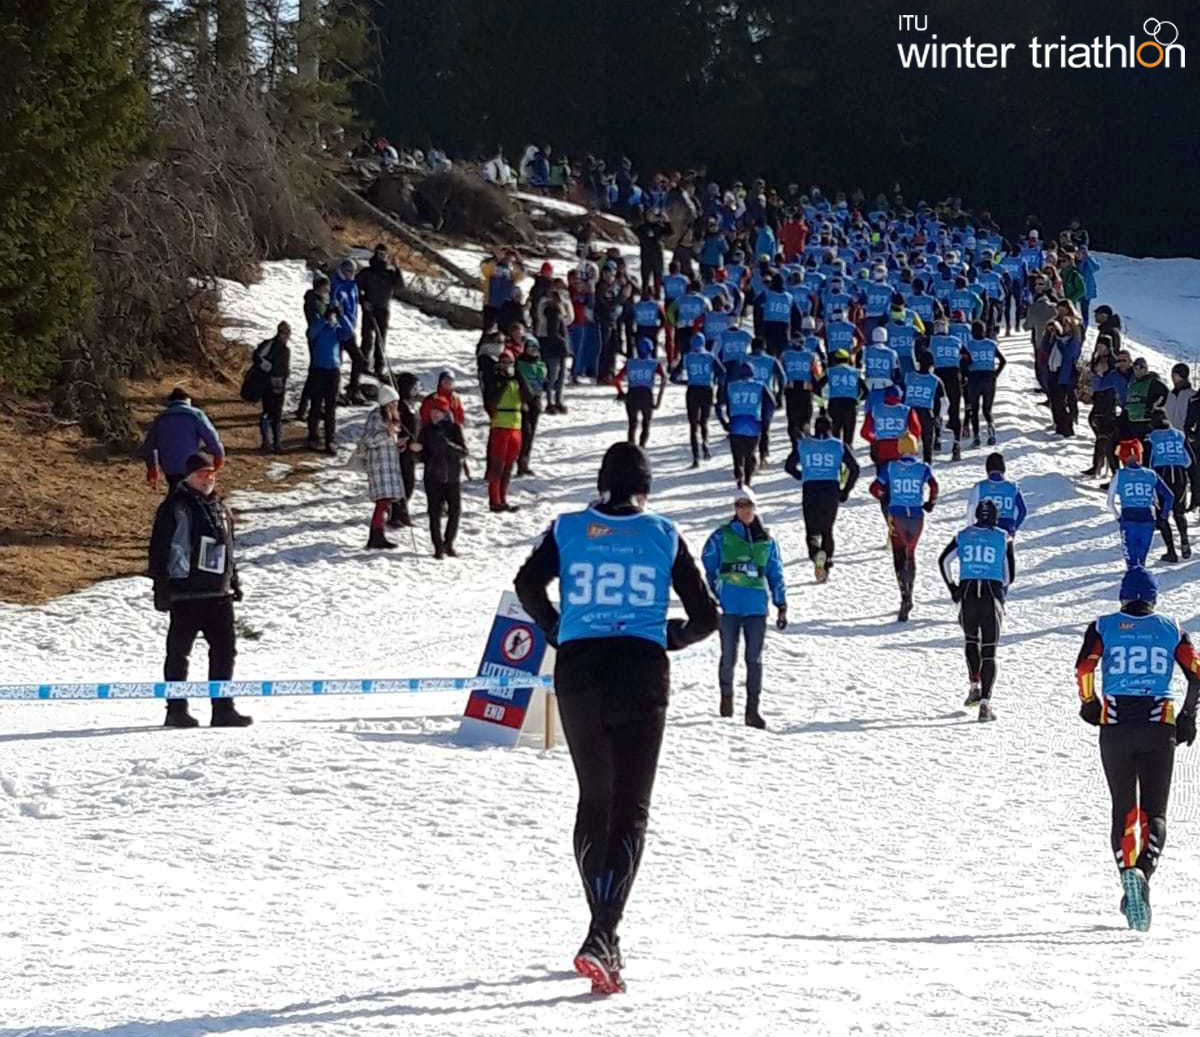 Il folto gruppo degli atleti age group ai mondiali di winter triathlon